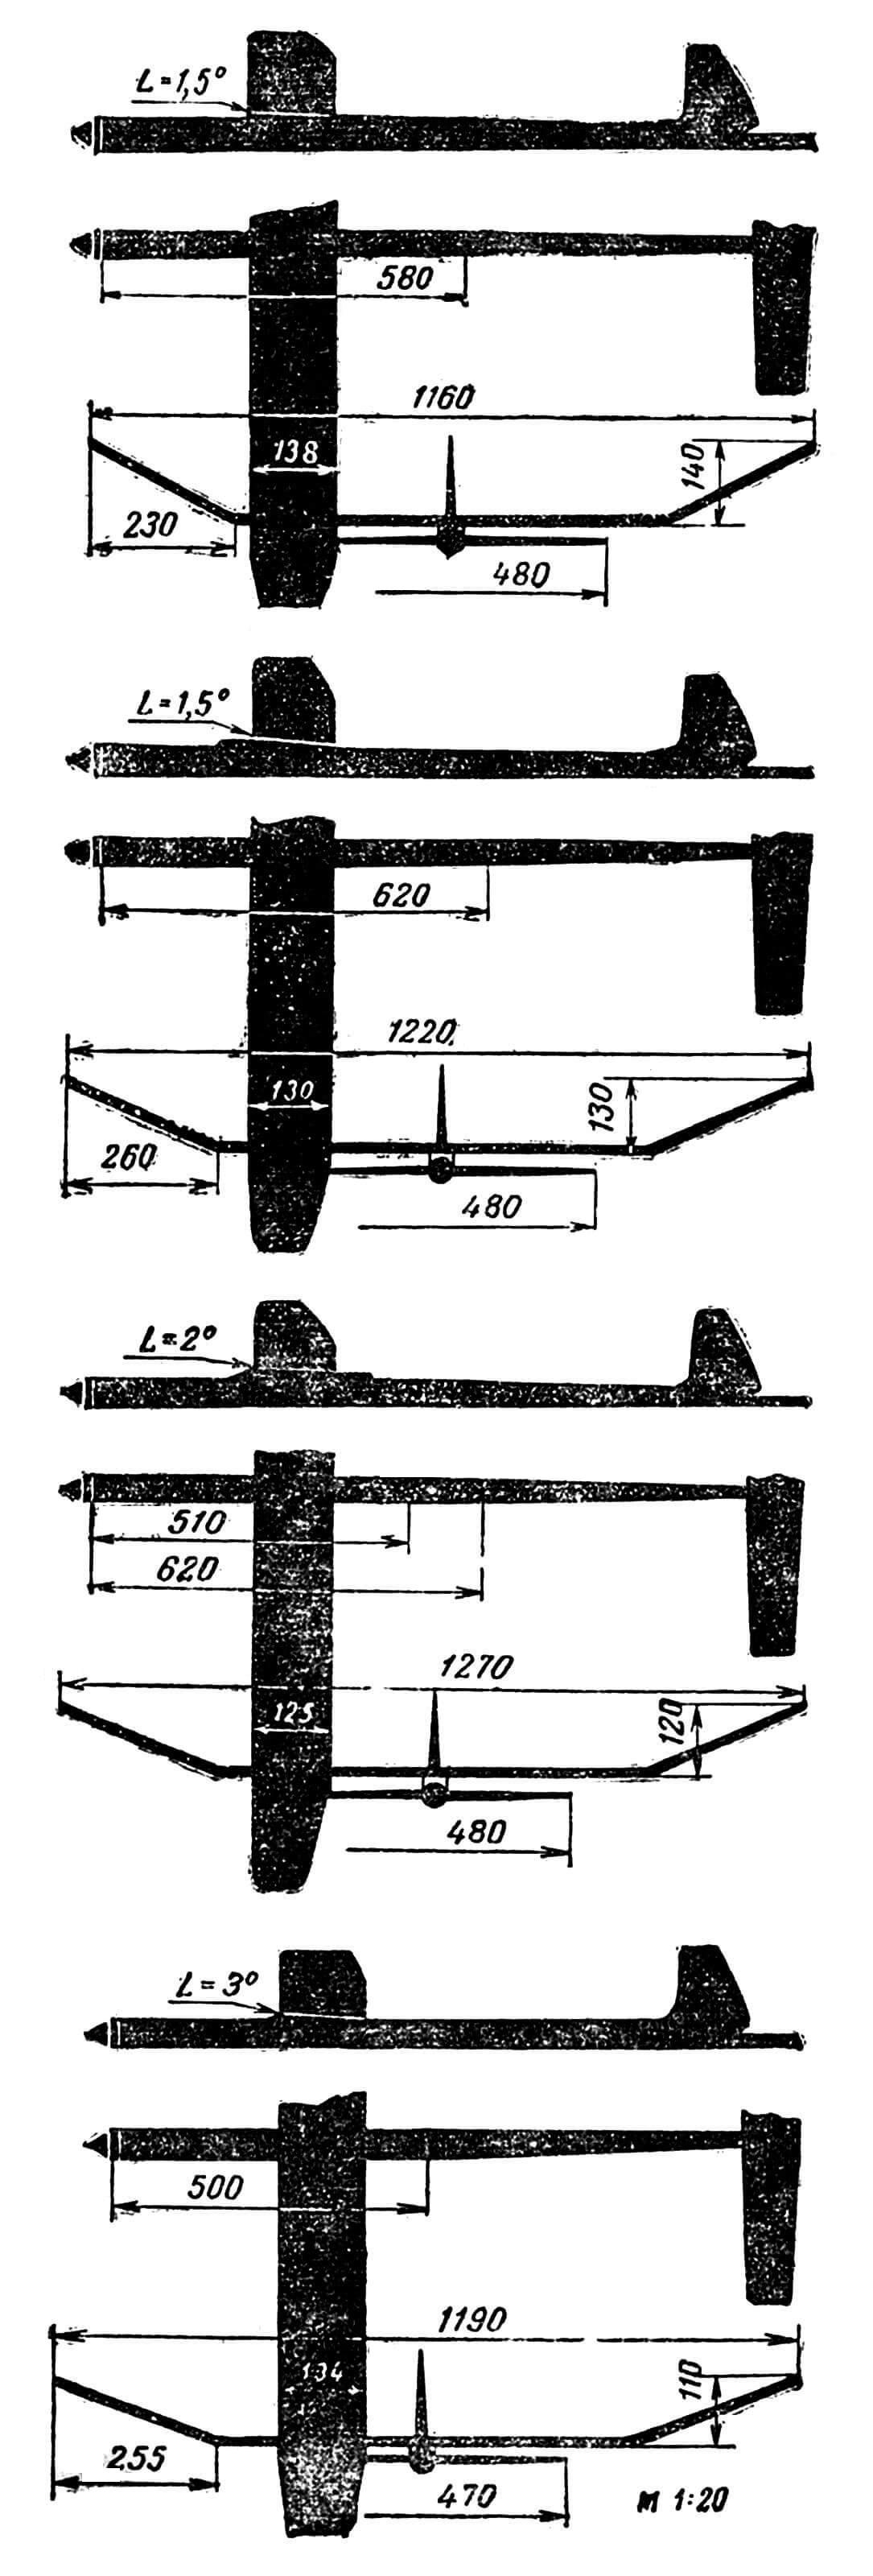 Модели, испытанные Е. Мелентьевым. Основное отличие каждой из них, влияющее на полет, — величина хорды крыла.